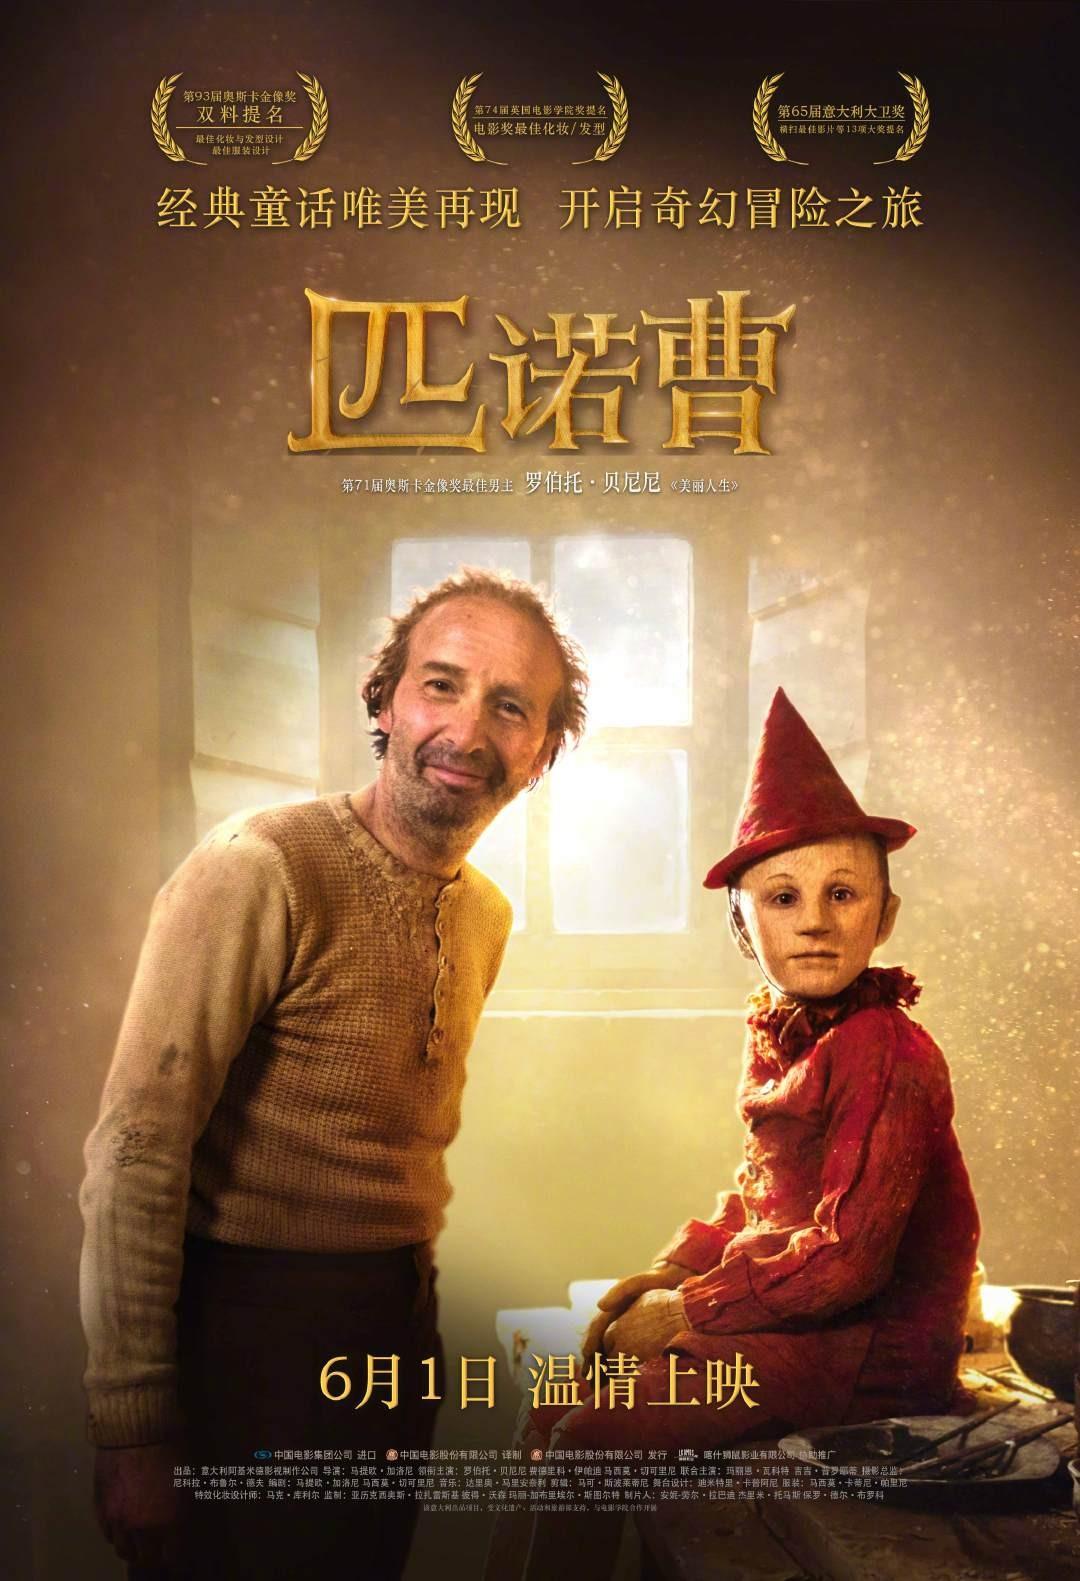 奇幻电影《匹诺曹》定档预告 6月1日在内地上映